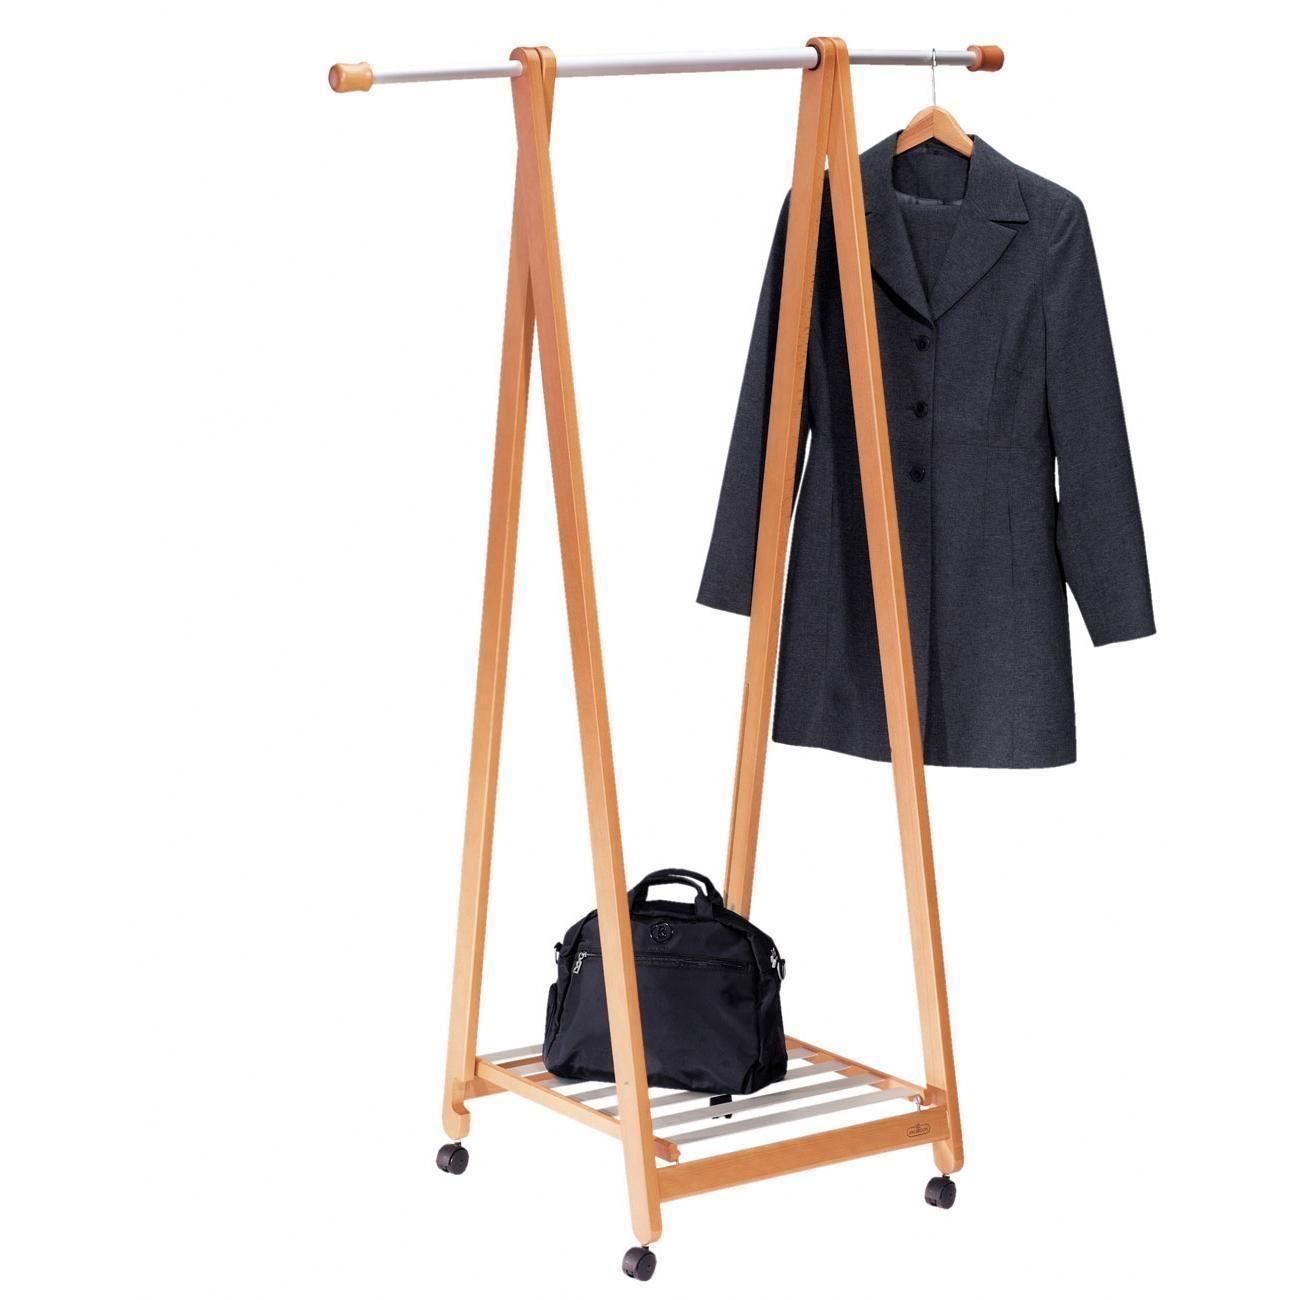 Mobile Garderobe Mit Ablage Buche 53 X 53 X 158 Cm Garderobe